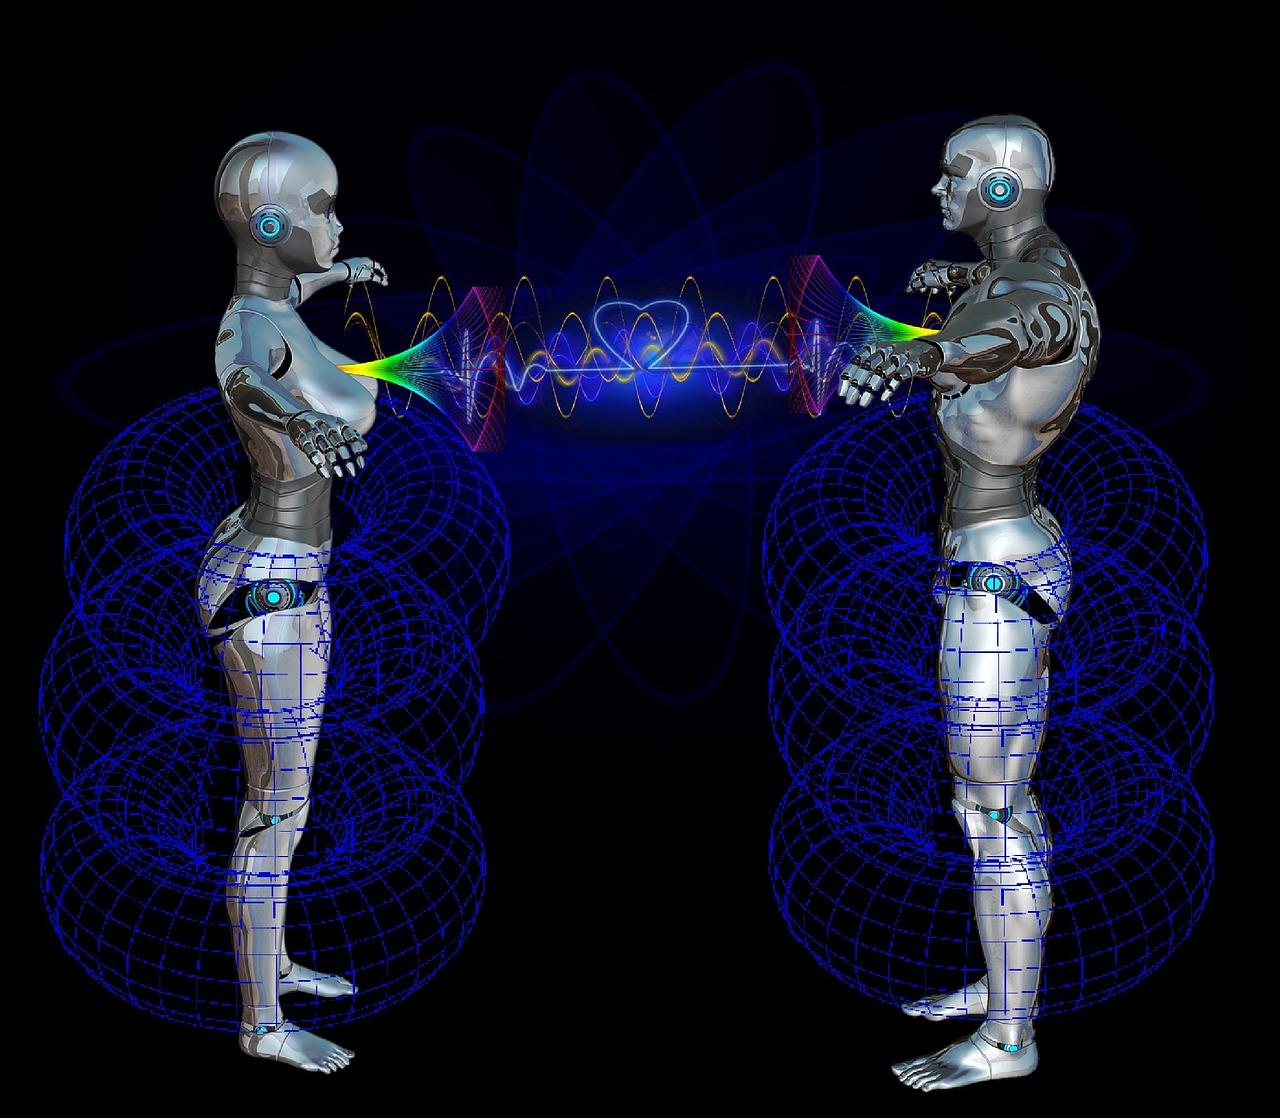 simptome fizice ale trezirii spirituale - sfatulparintilor.ro - pixabay_com